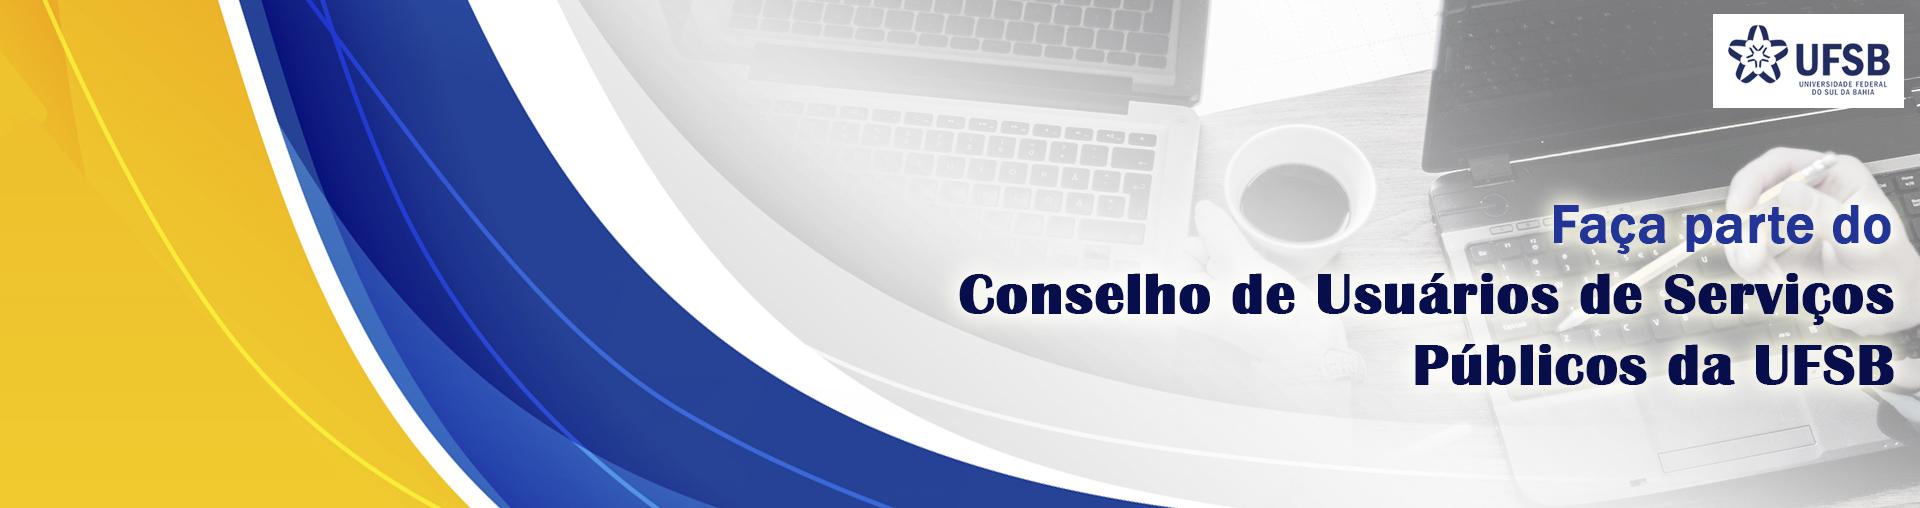 Conselho de Usuários de Serviços Públicos da UFSB